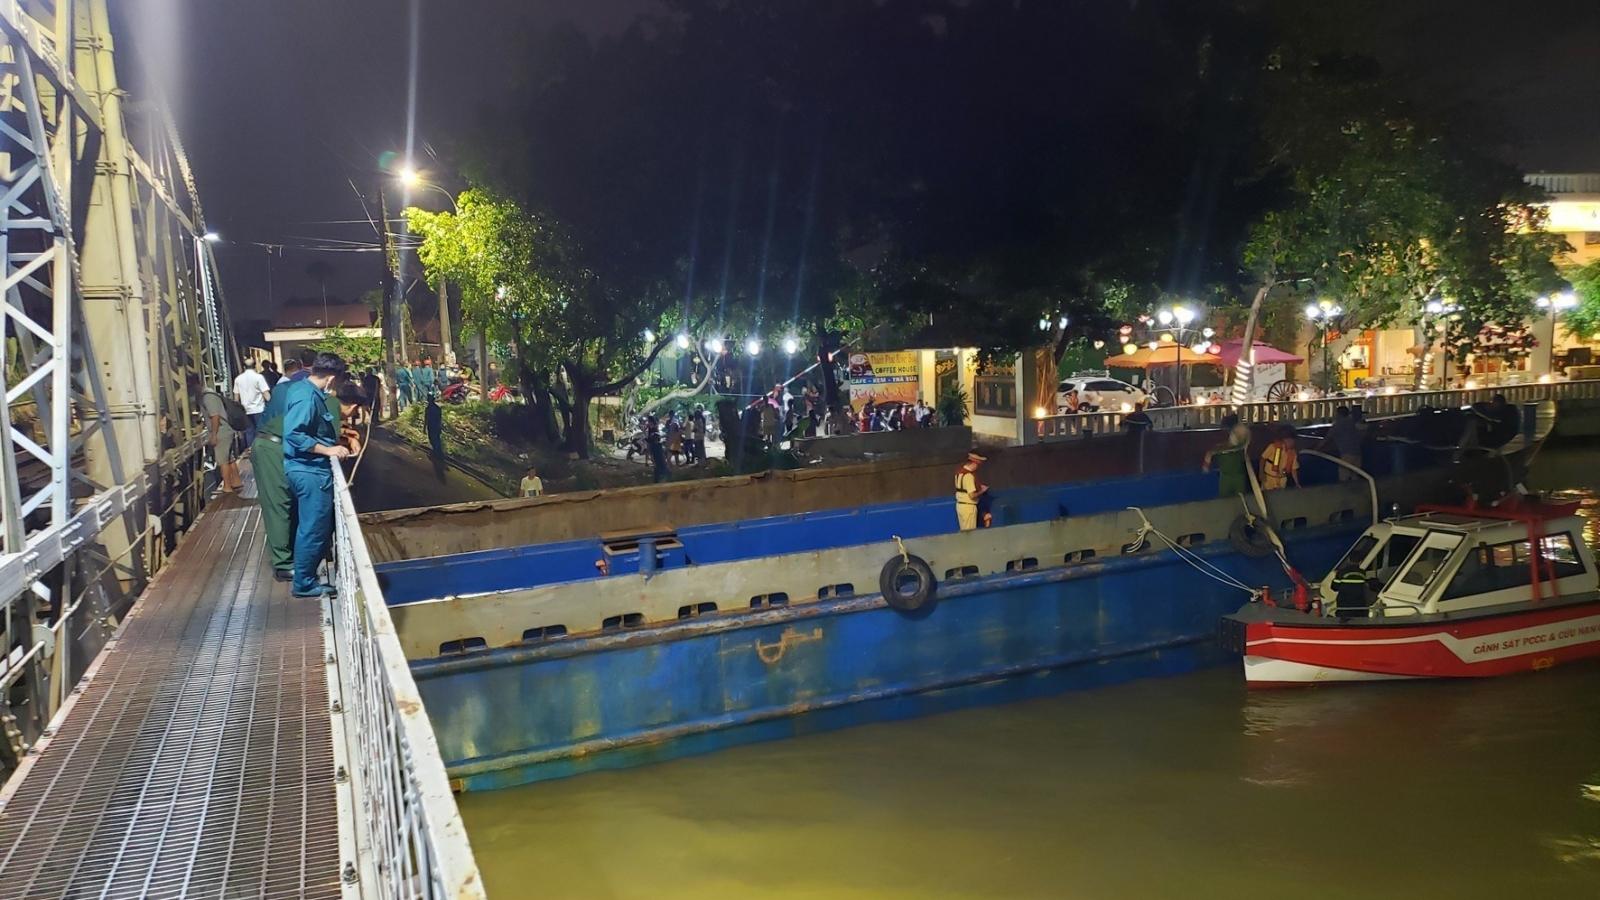 Huy động gần 100 người giải cứu sà lan mắc kẹt dưới gầm cầu Rạch Cát